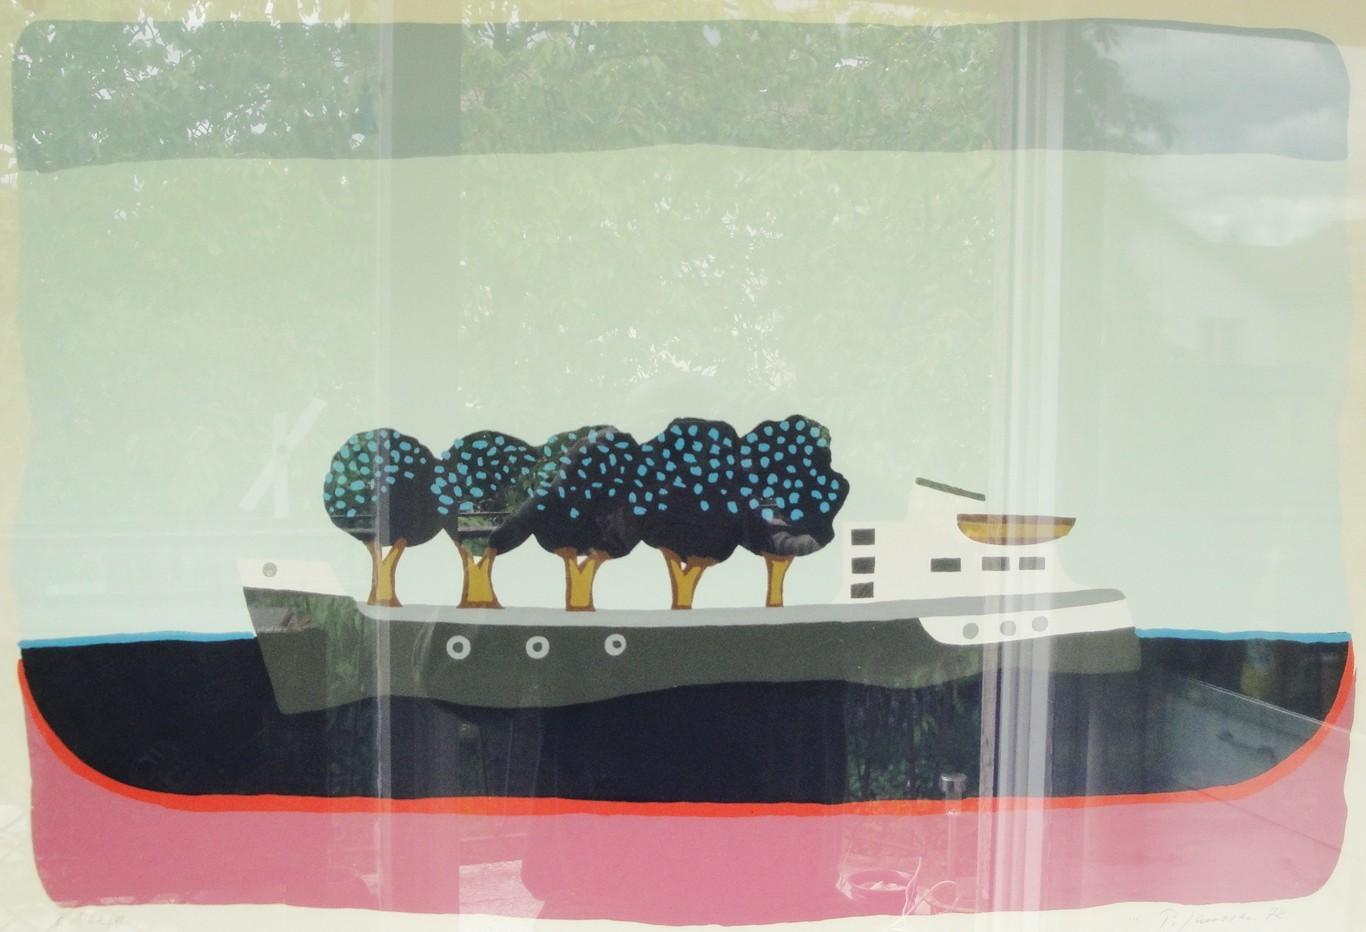 Schiff mit Bäumen, 1972, Lithografie von Peter Janssen. Anklicken für größere Ansicht / click to enlarge